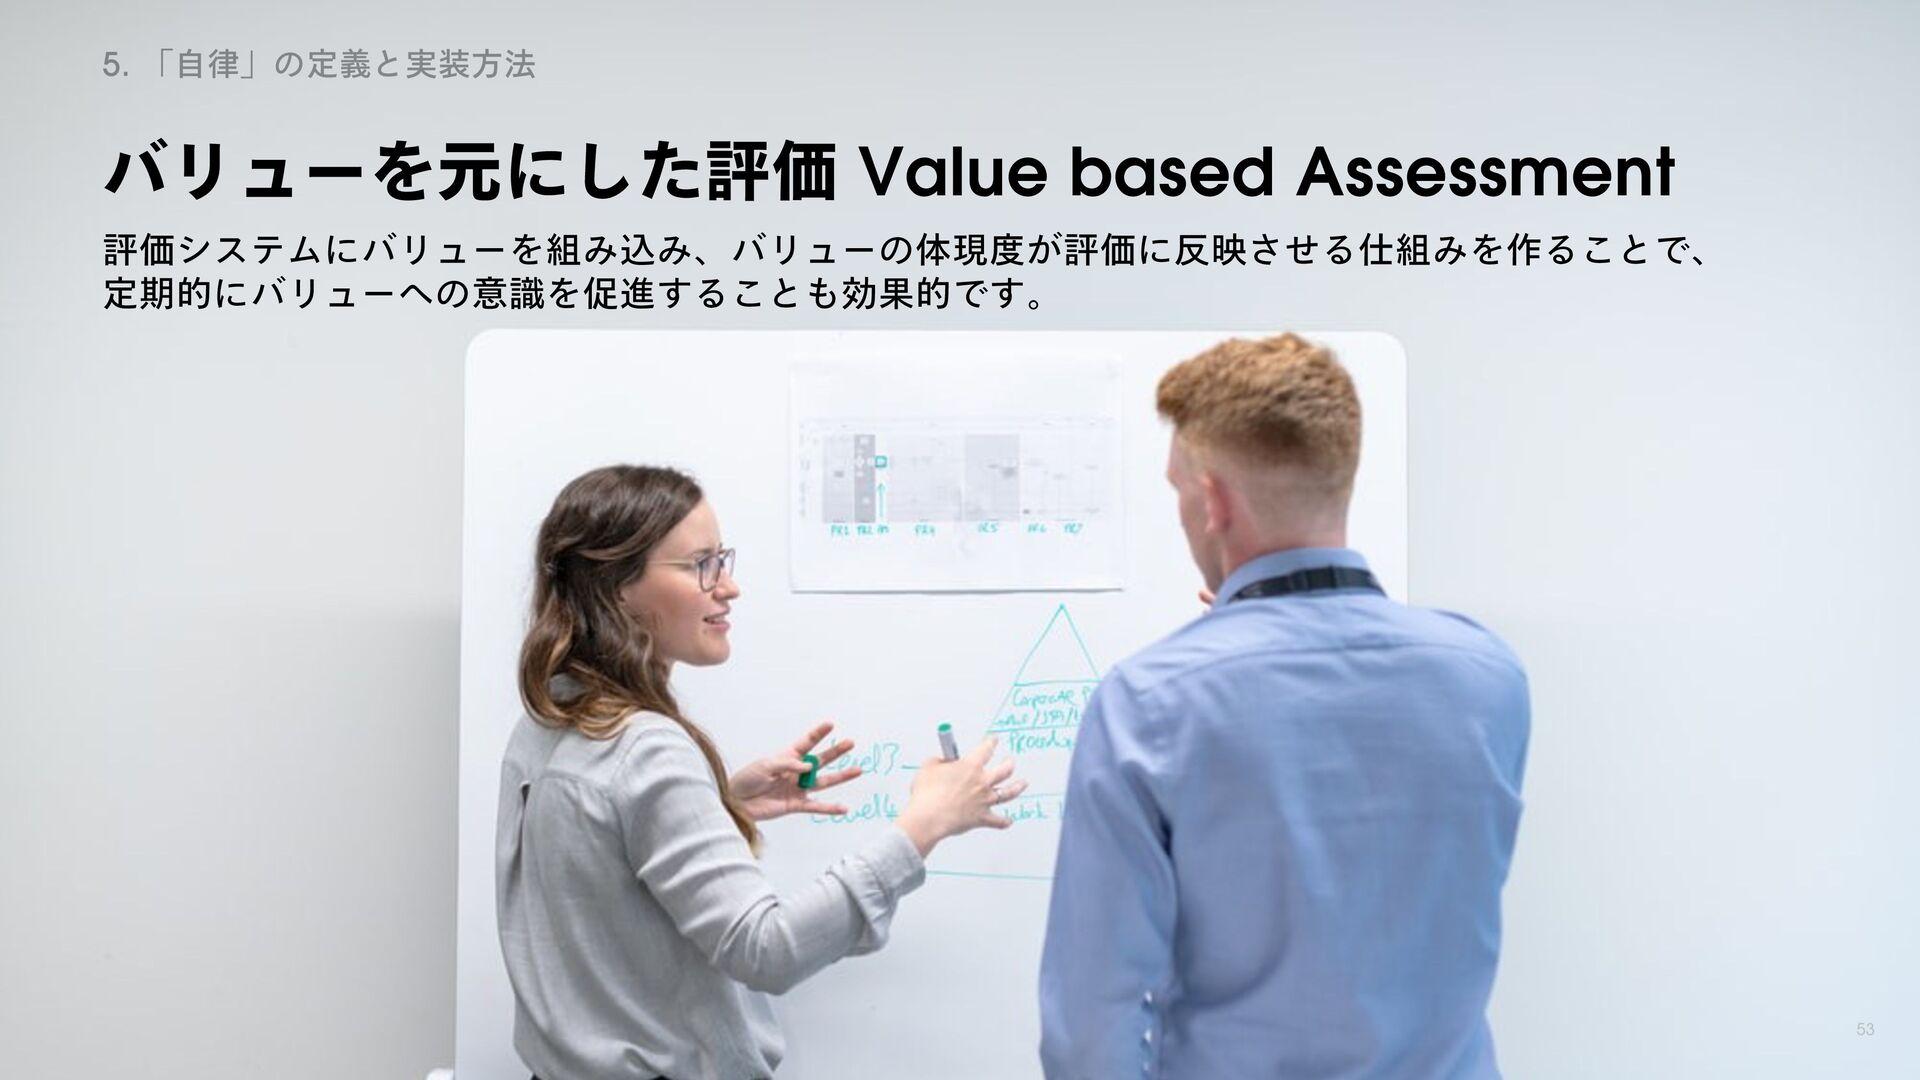 όϦϡʔΛݩʹͨ͠ධՁ Value based Assessment ධՁγεςϜʹόϦϡʔΛ...